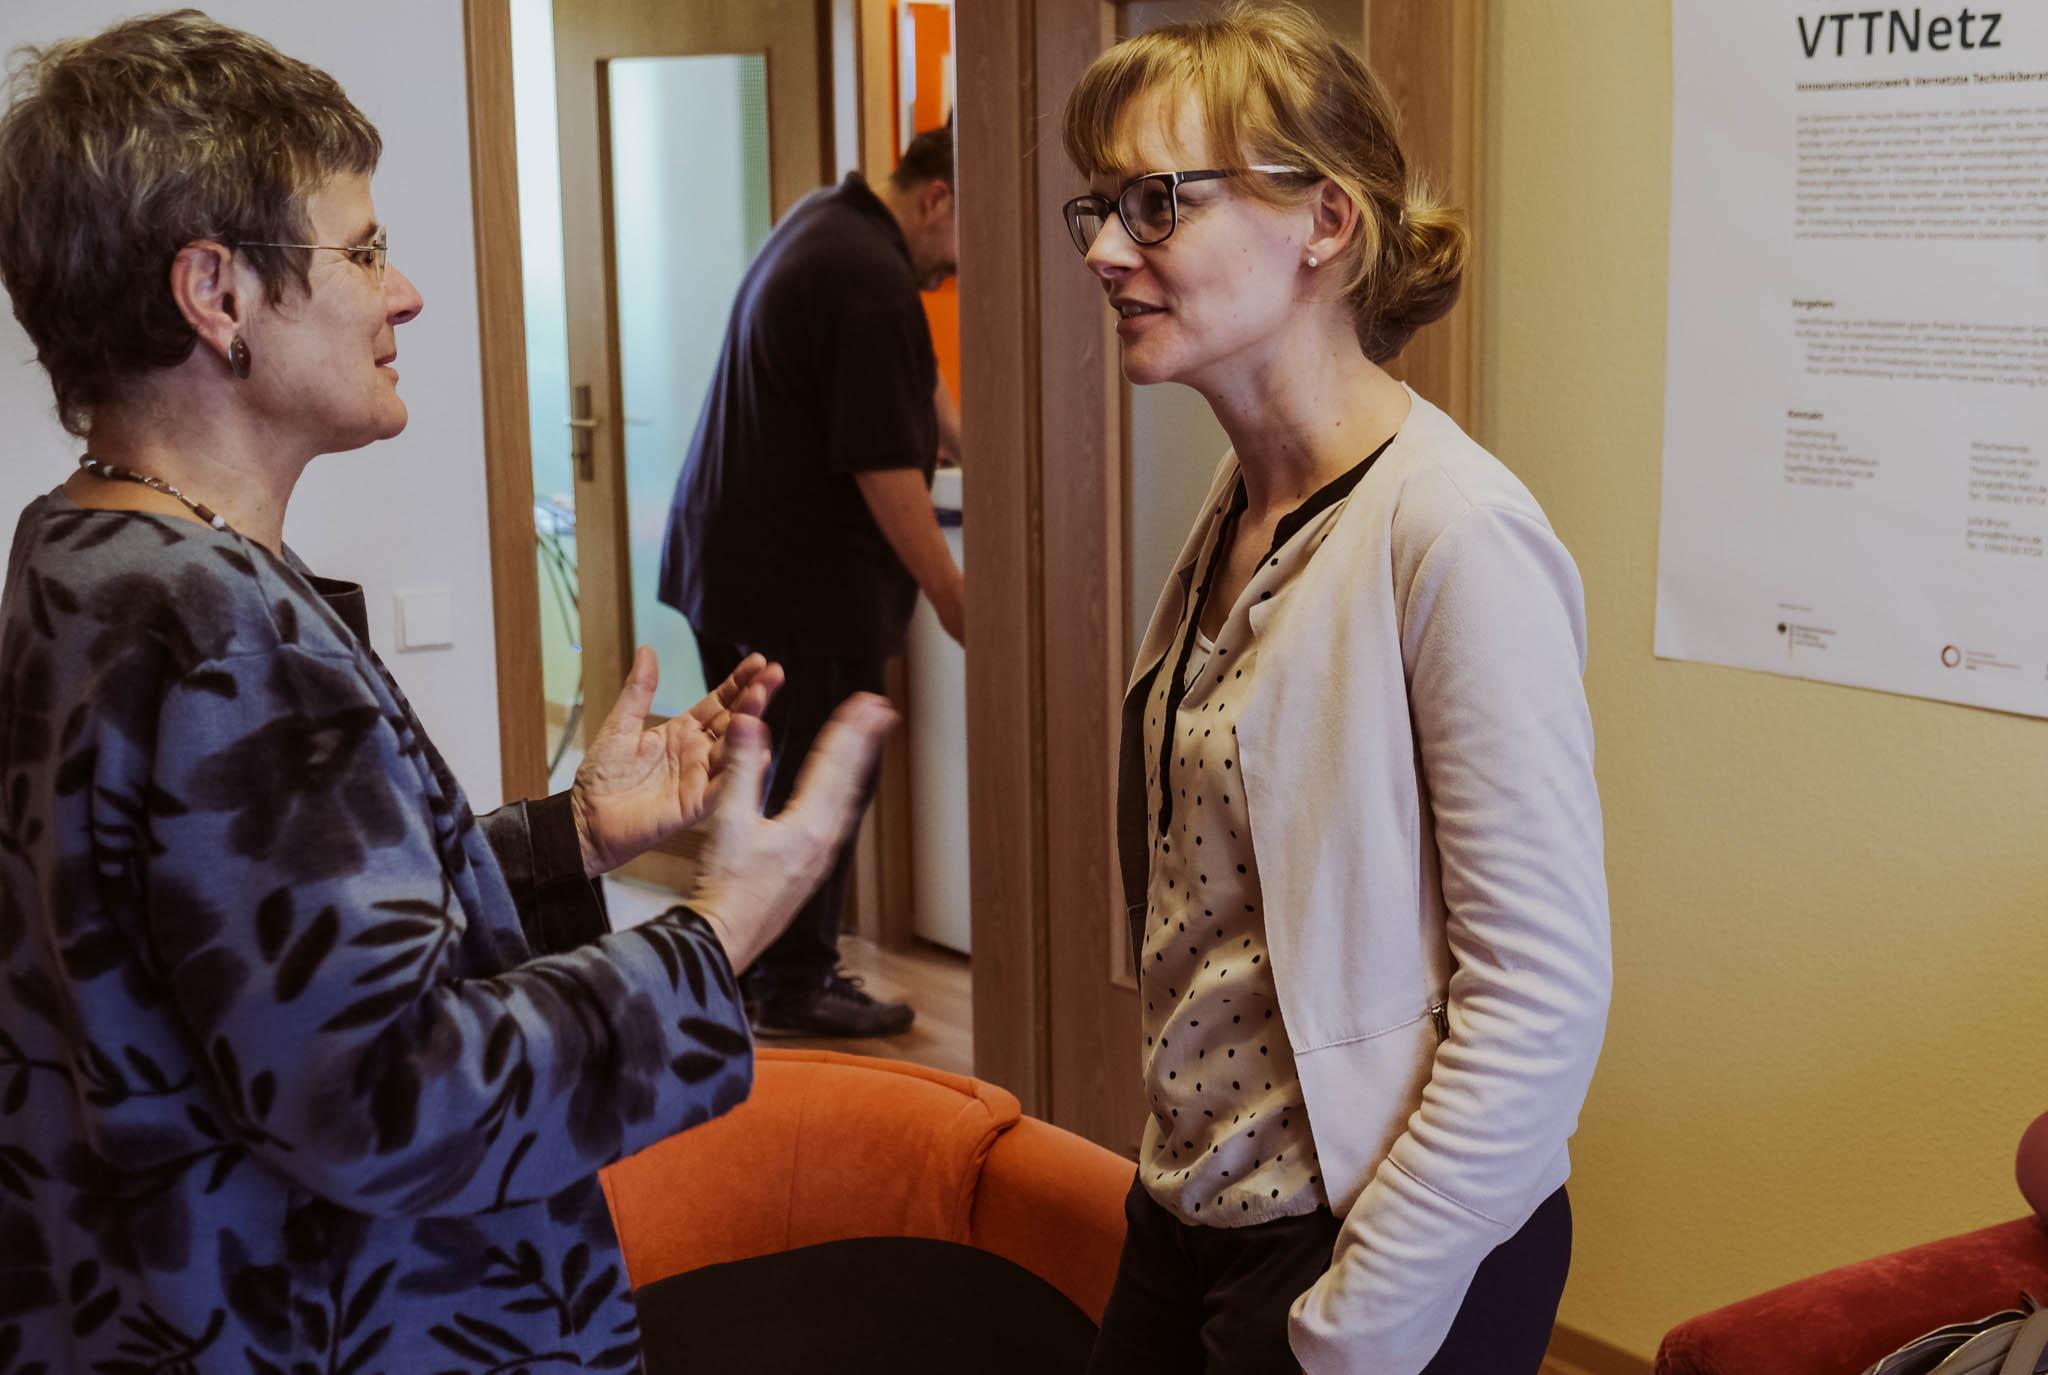 Projektleiterin Birgit Apfelbaum (links) und Isabell Koch im Gespräch im Reallabor für Technikakzeptanz und Soziale Innovation in Wernigerode.